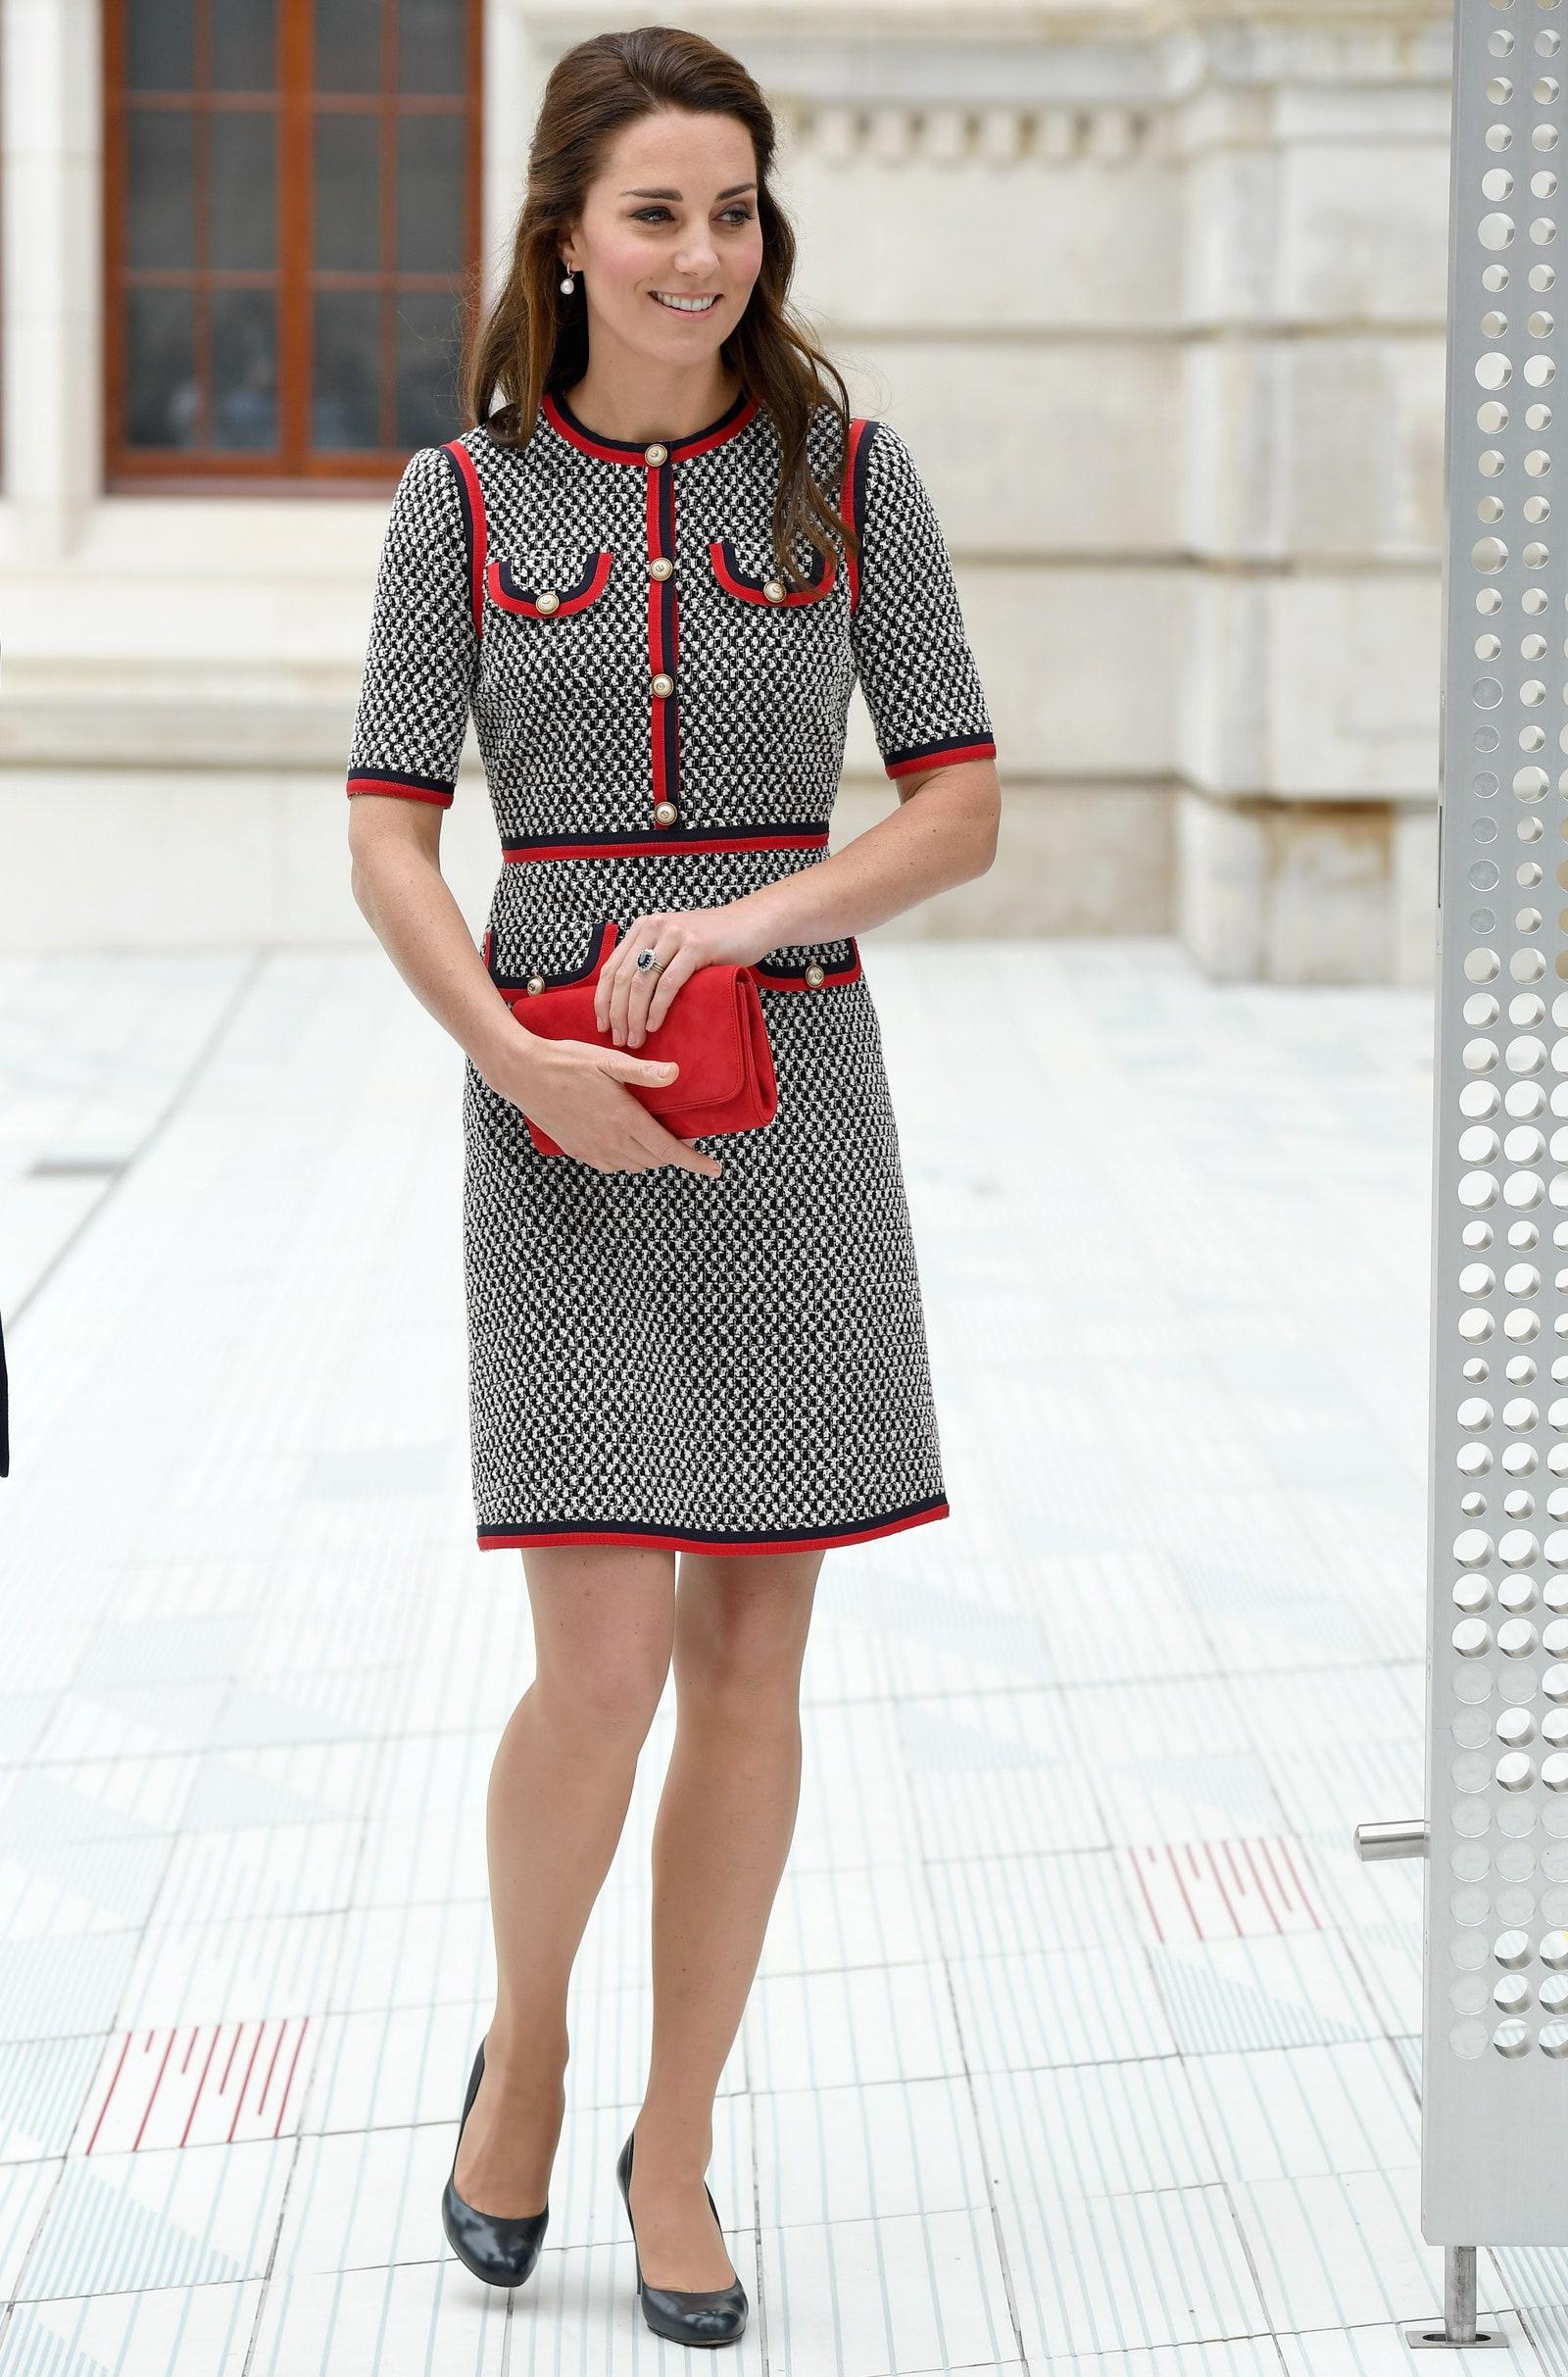 Công nương Kate chỉ ra kiểu áo khoác sang chảnh bất chấp thời gian, đã thế còn cực dễ mặc và tôn dáng đỉnh cao - Ảnh 3.